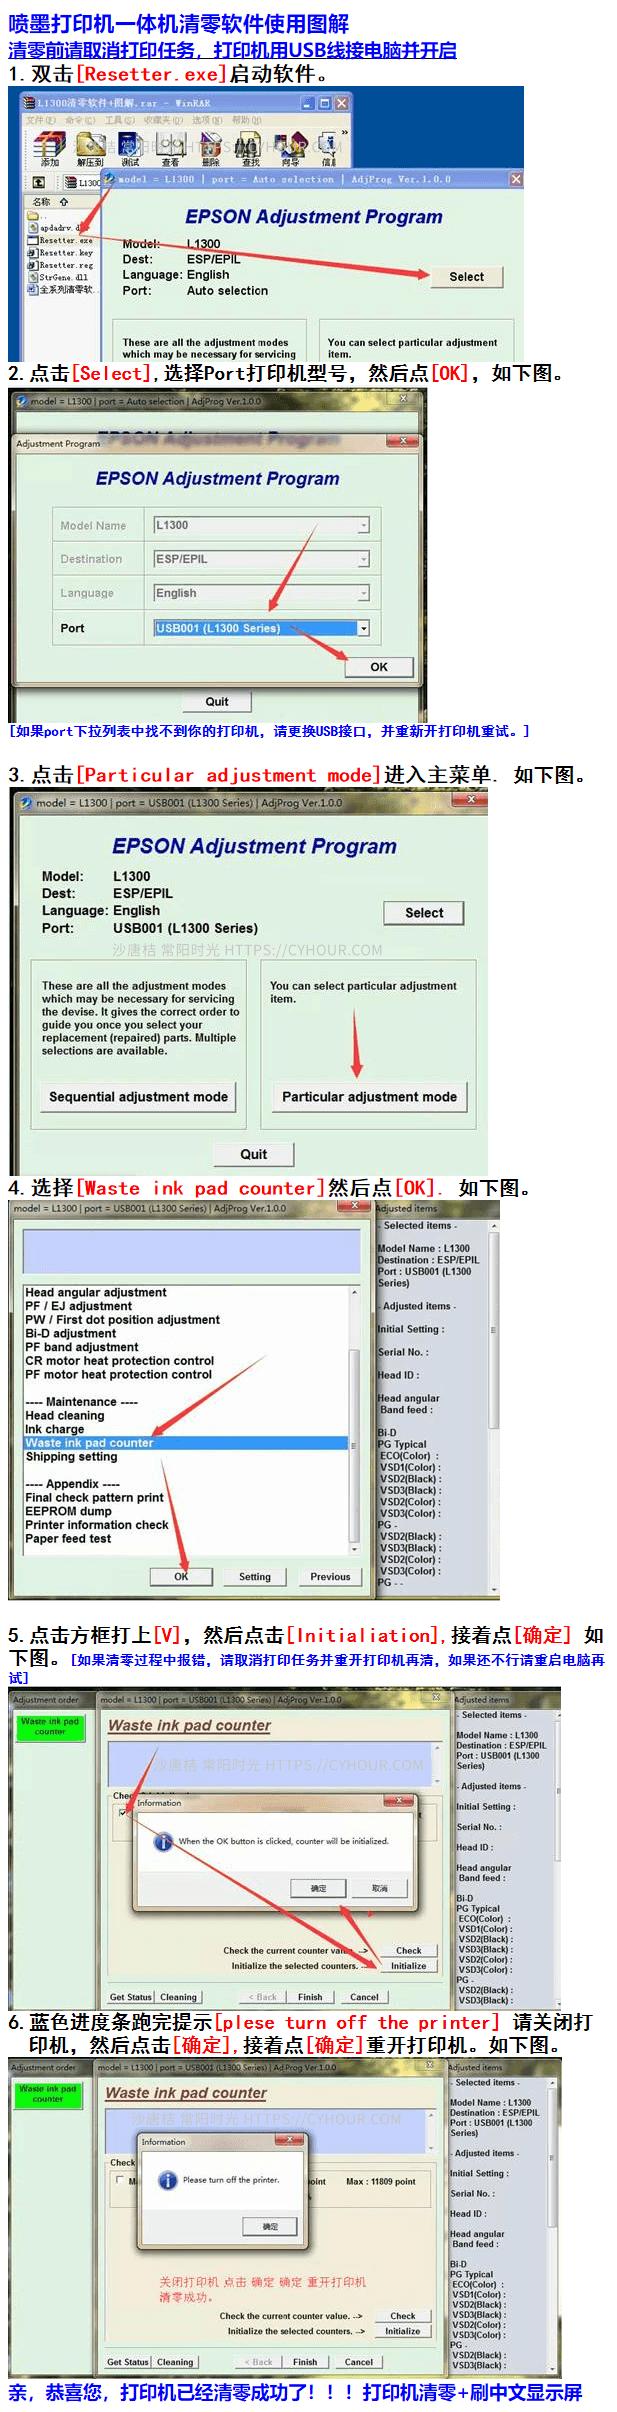 爱普生 L1300 打印机 L1300 废墨清零软件永久可用版 带图解教程-垃圾站